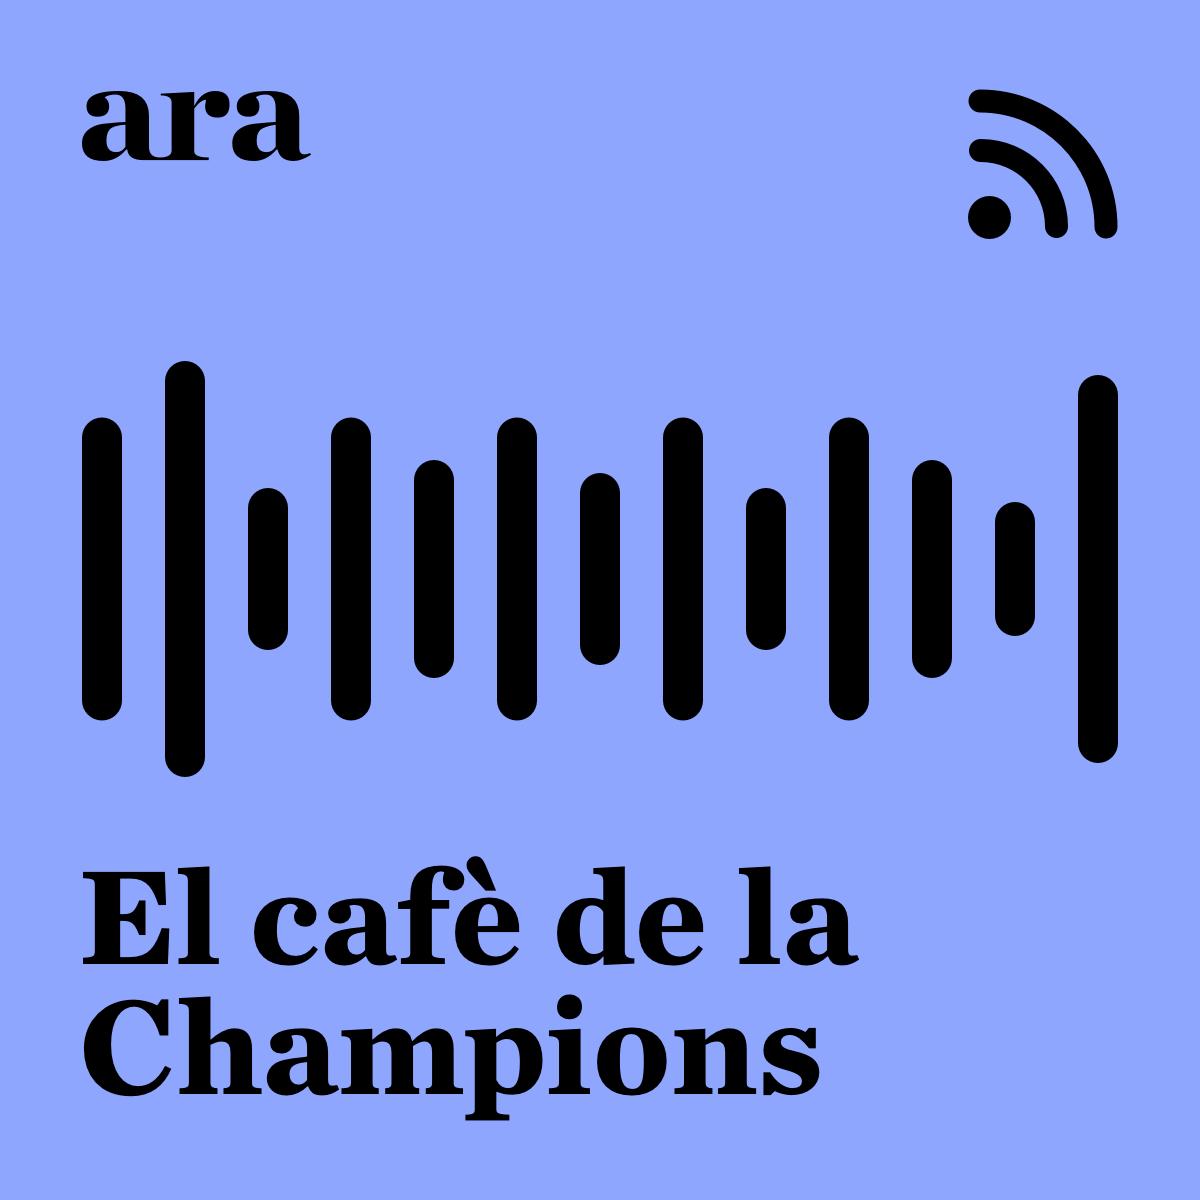 El cafè de la Champions